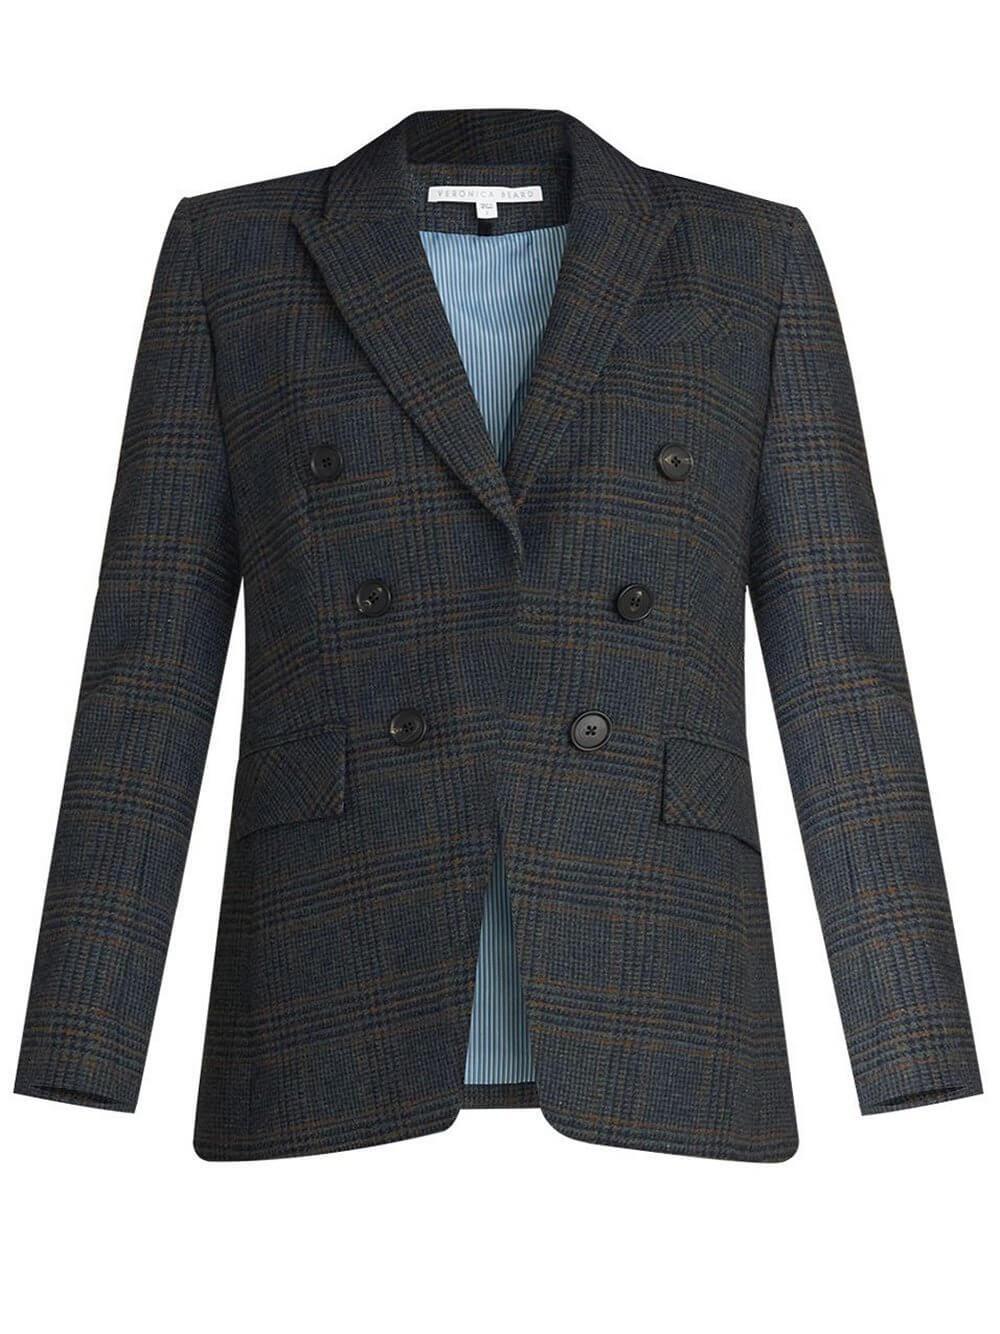 Yareli Dickey Jacket